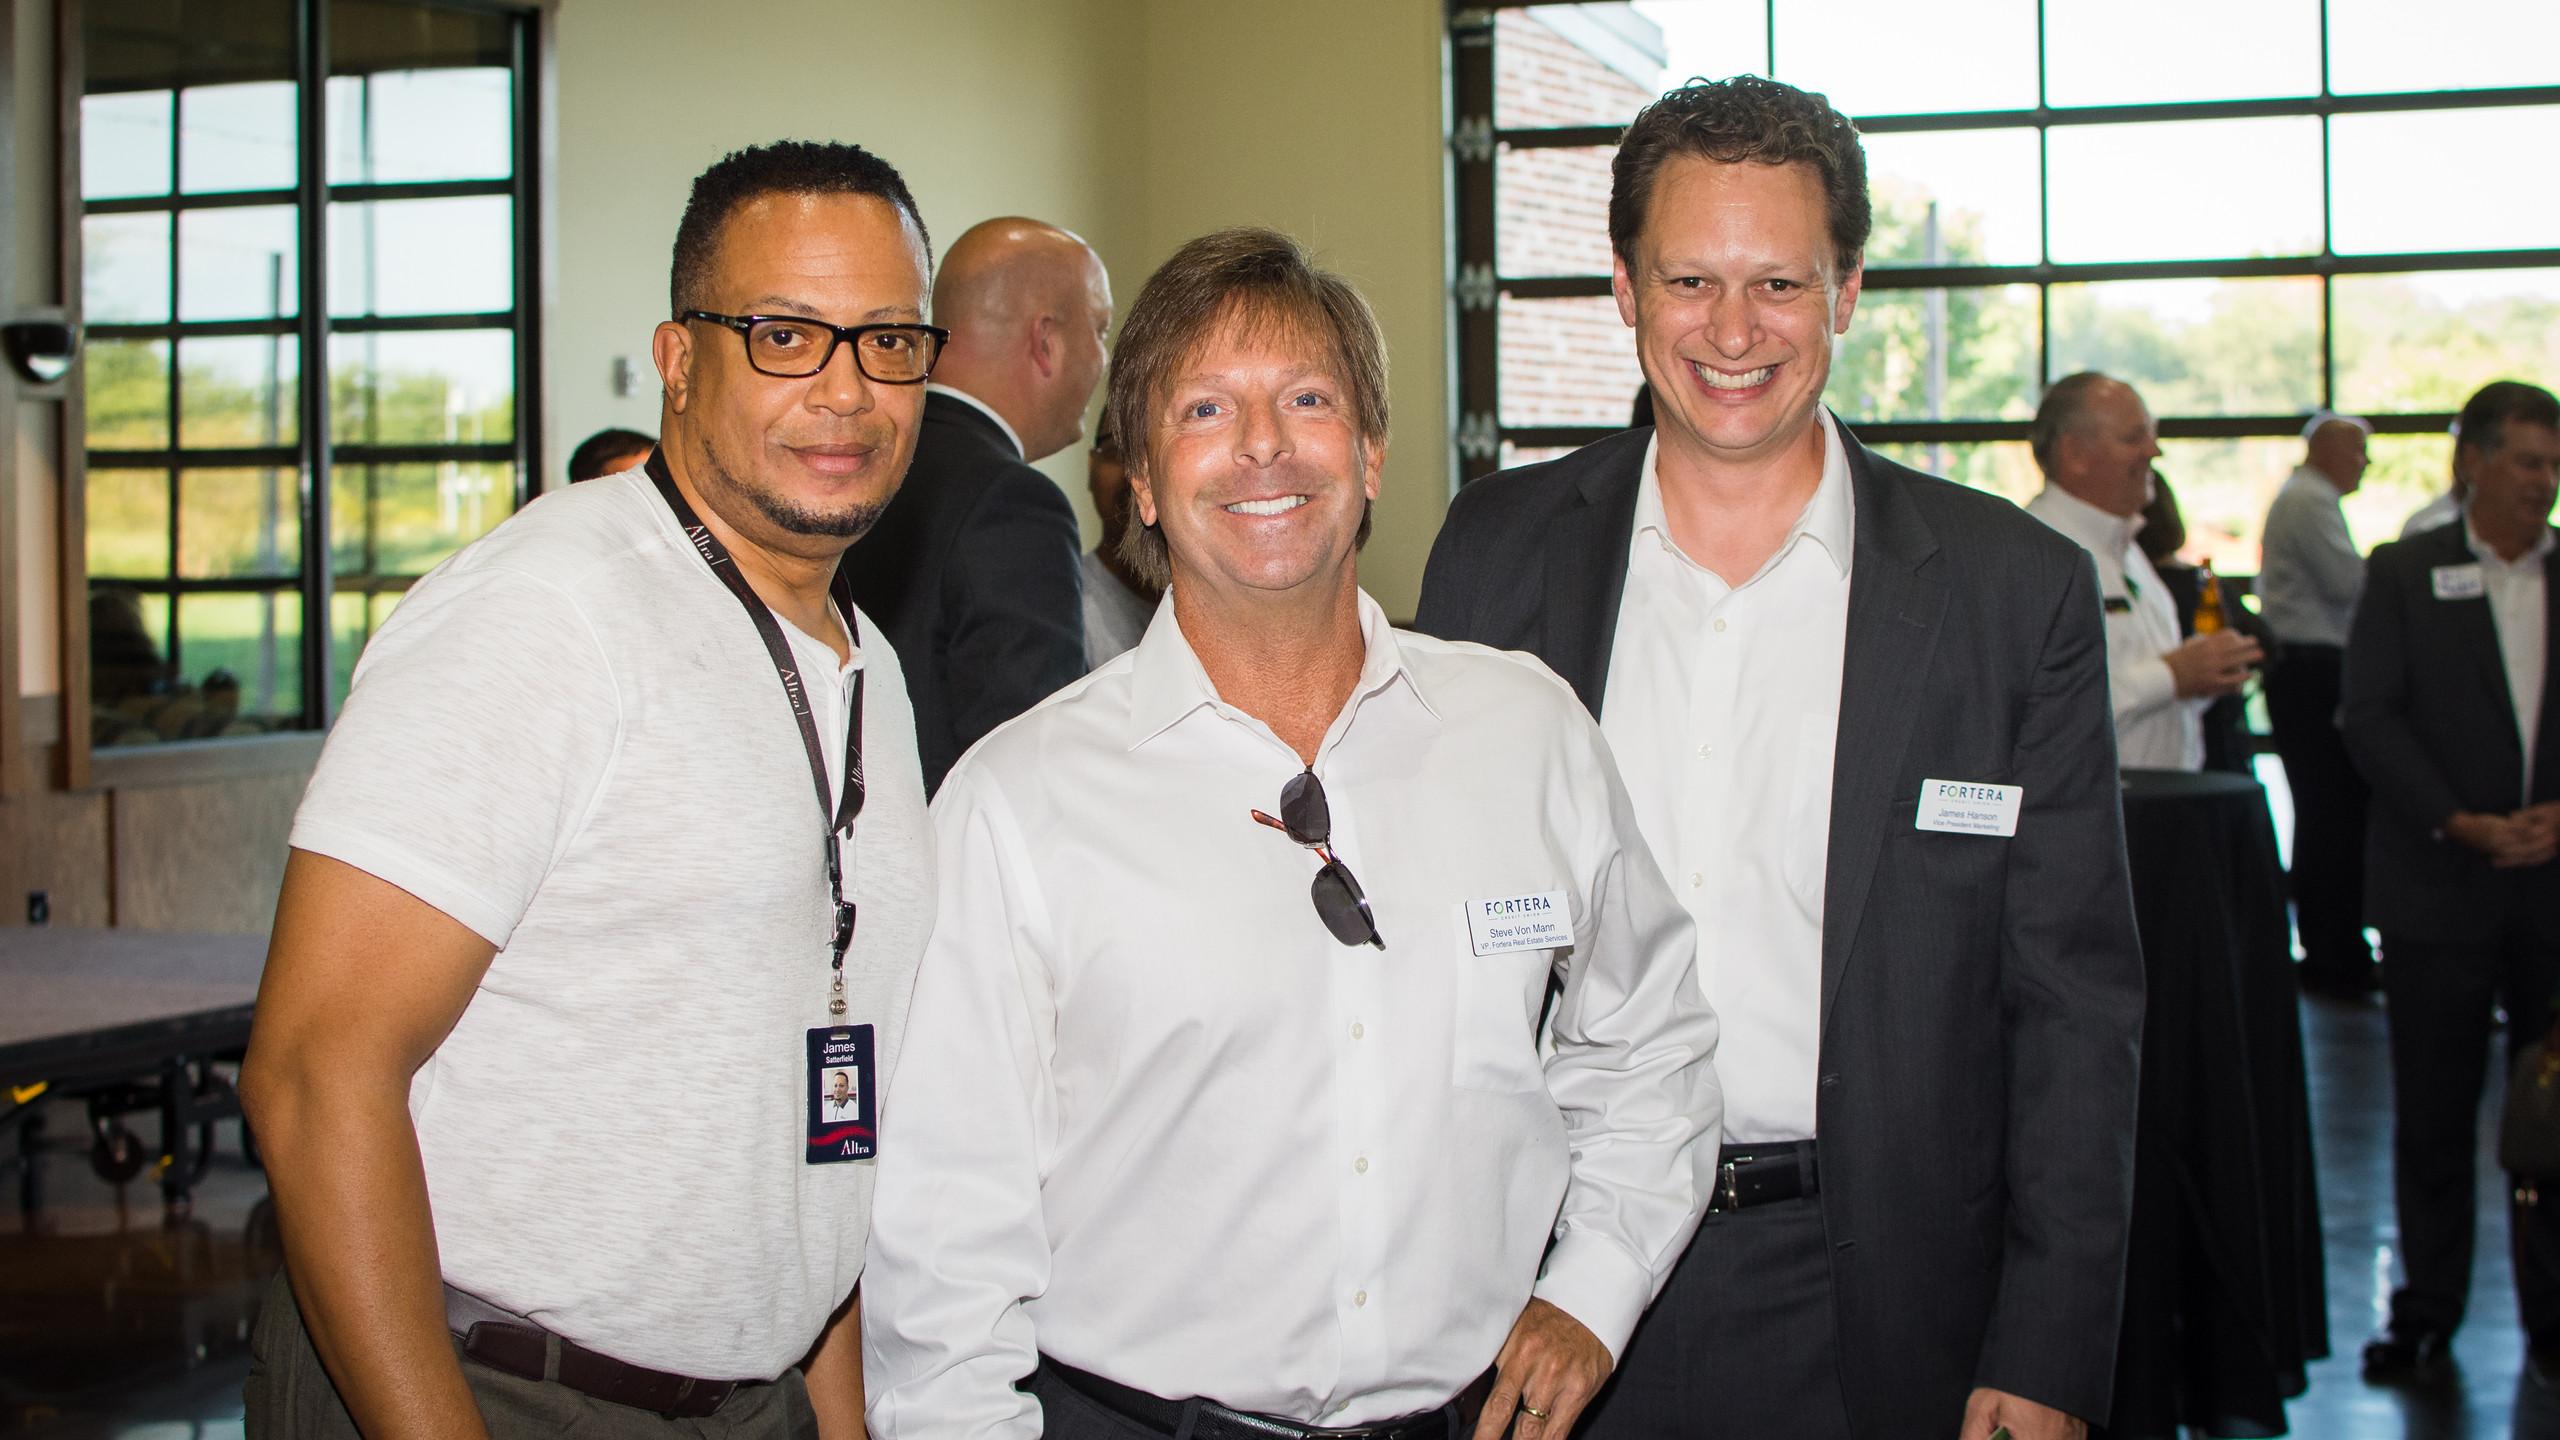 James Satterfield, Steve Von Mann, and J